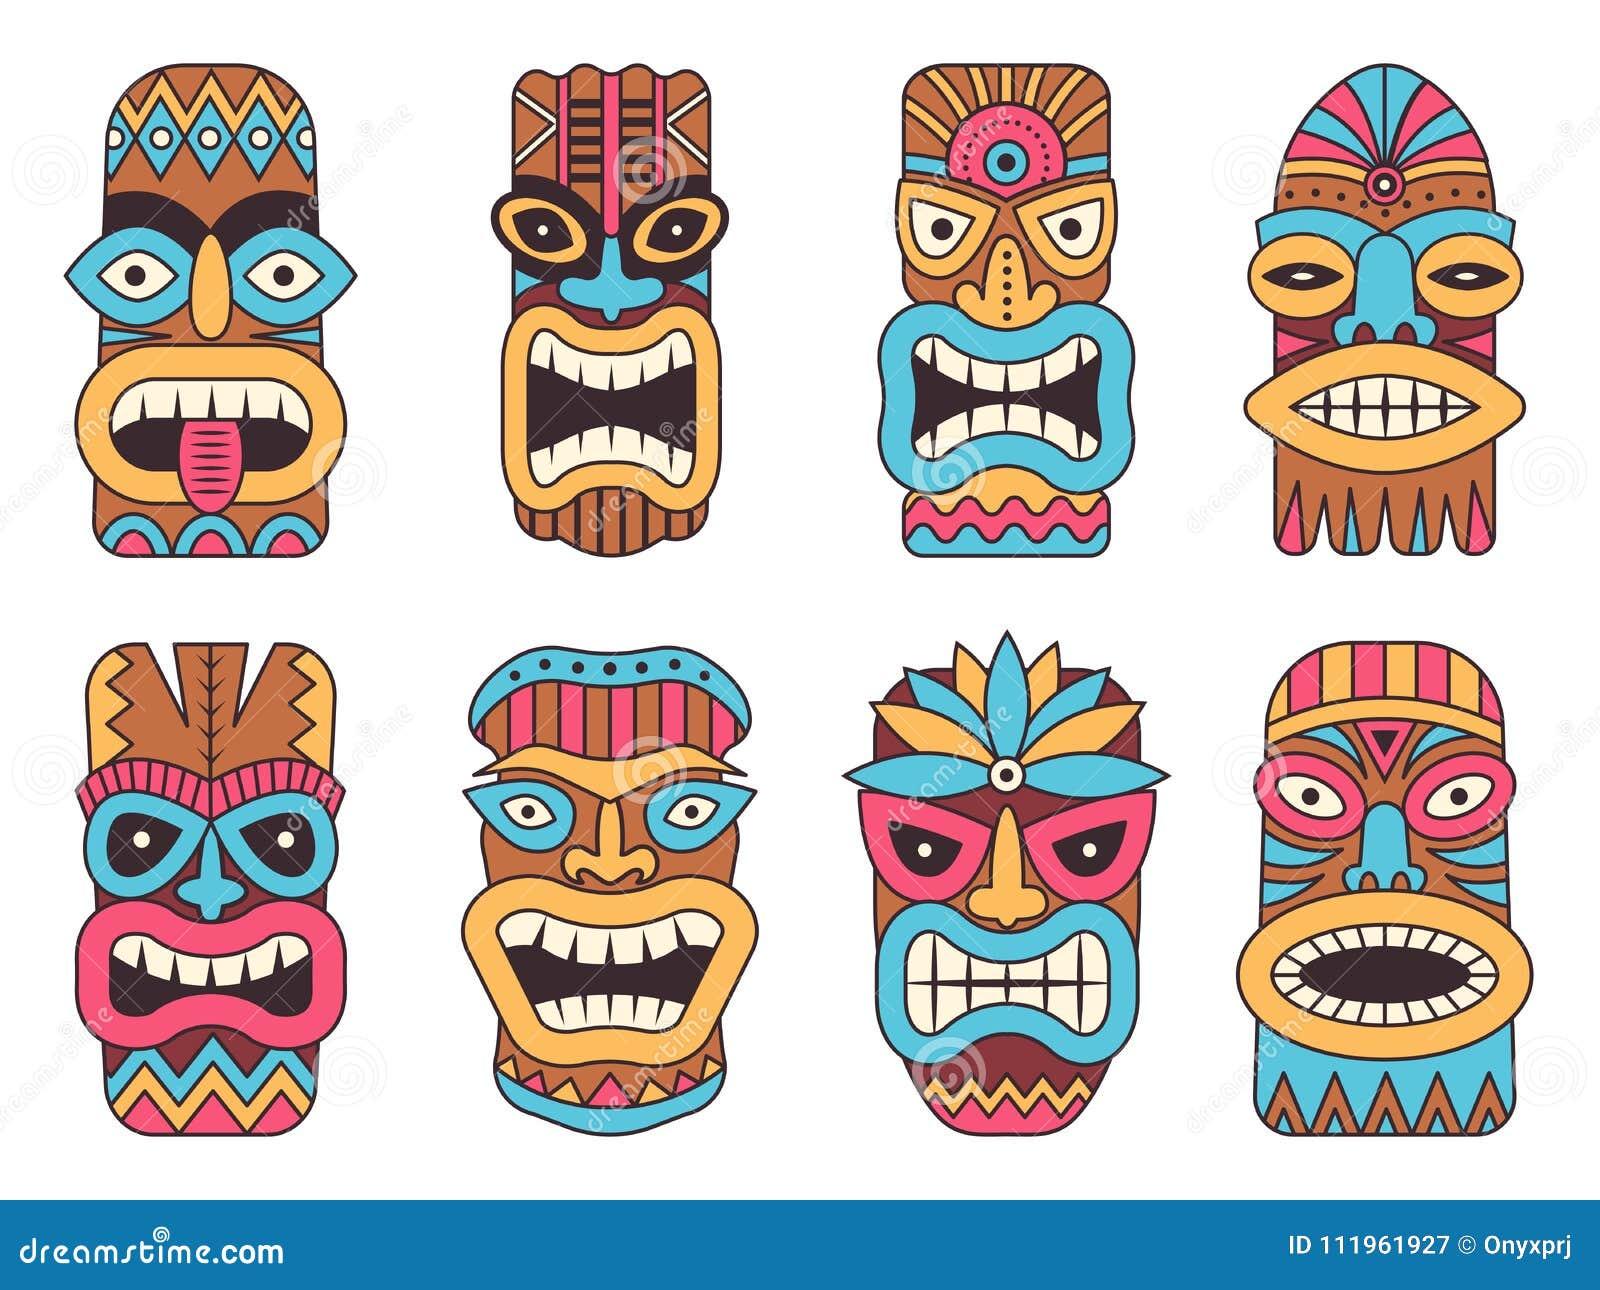 Illustrations Of Hawaiian Tiki God Tribal Totem Stock